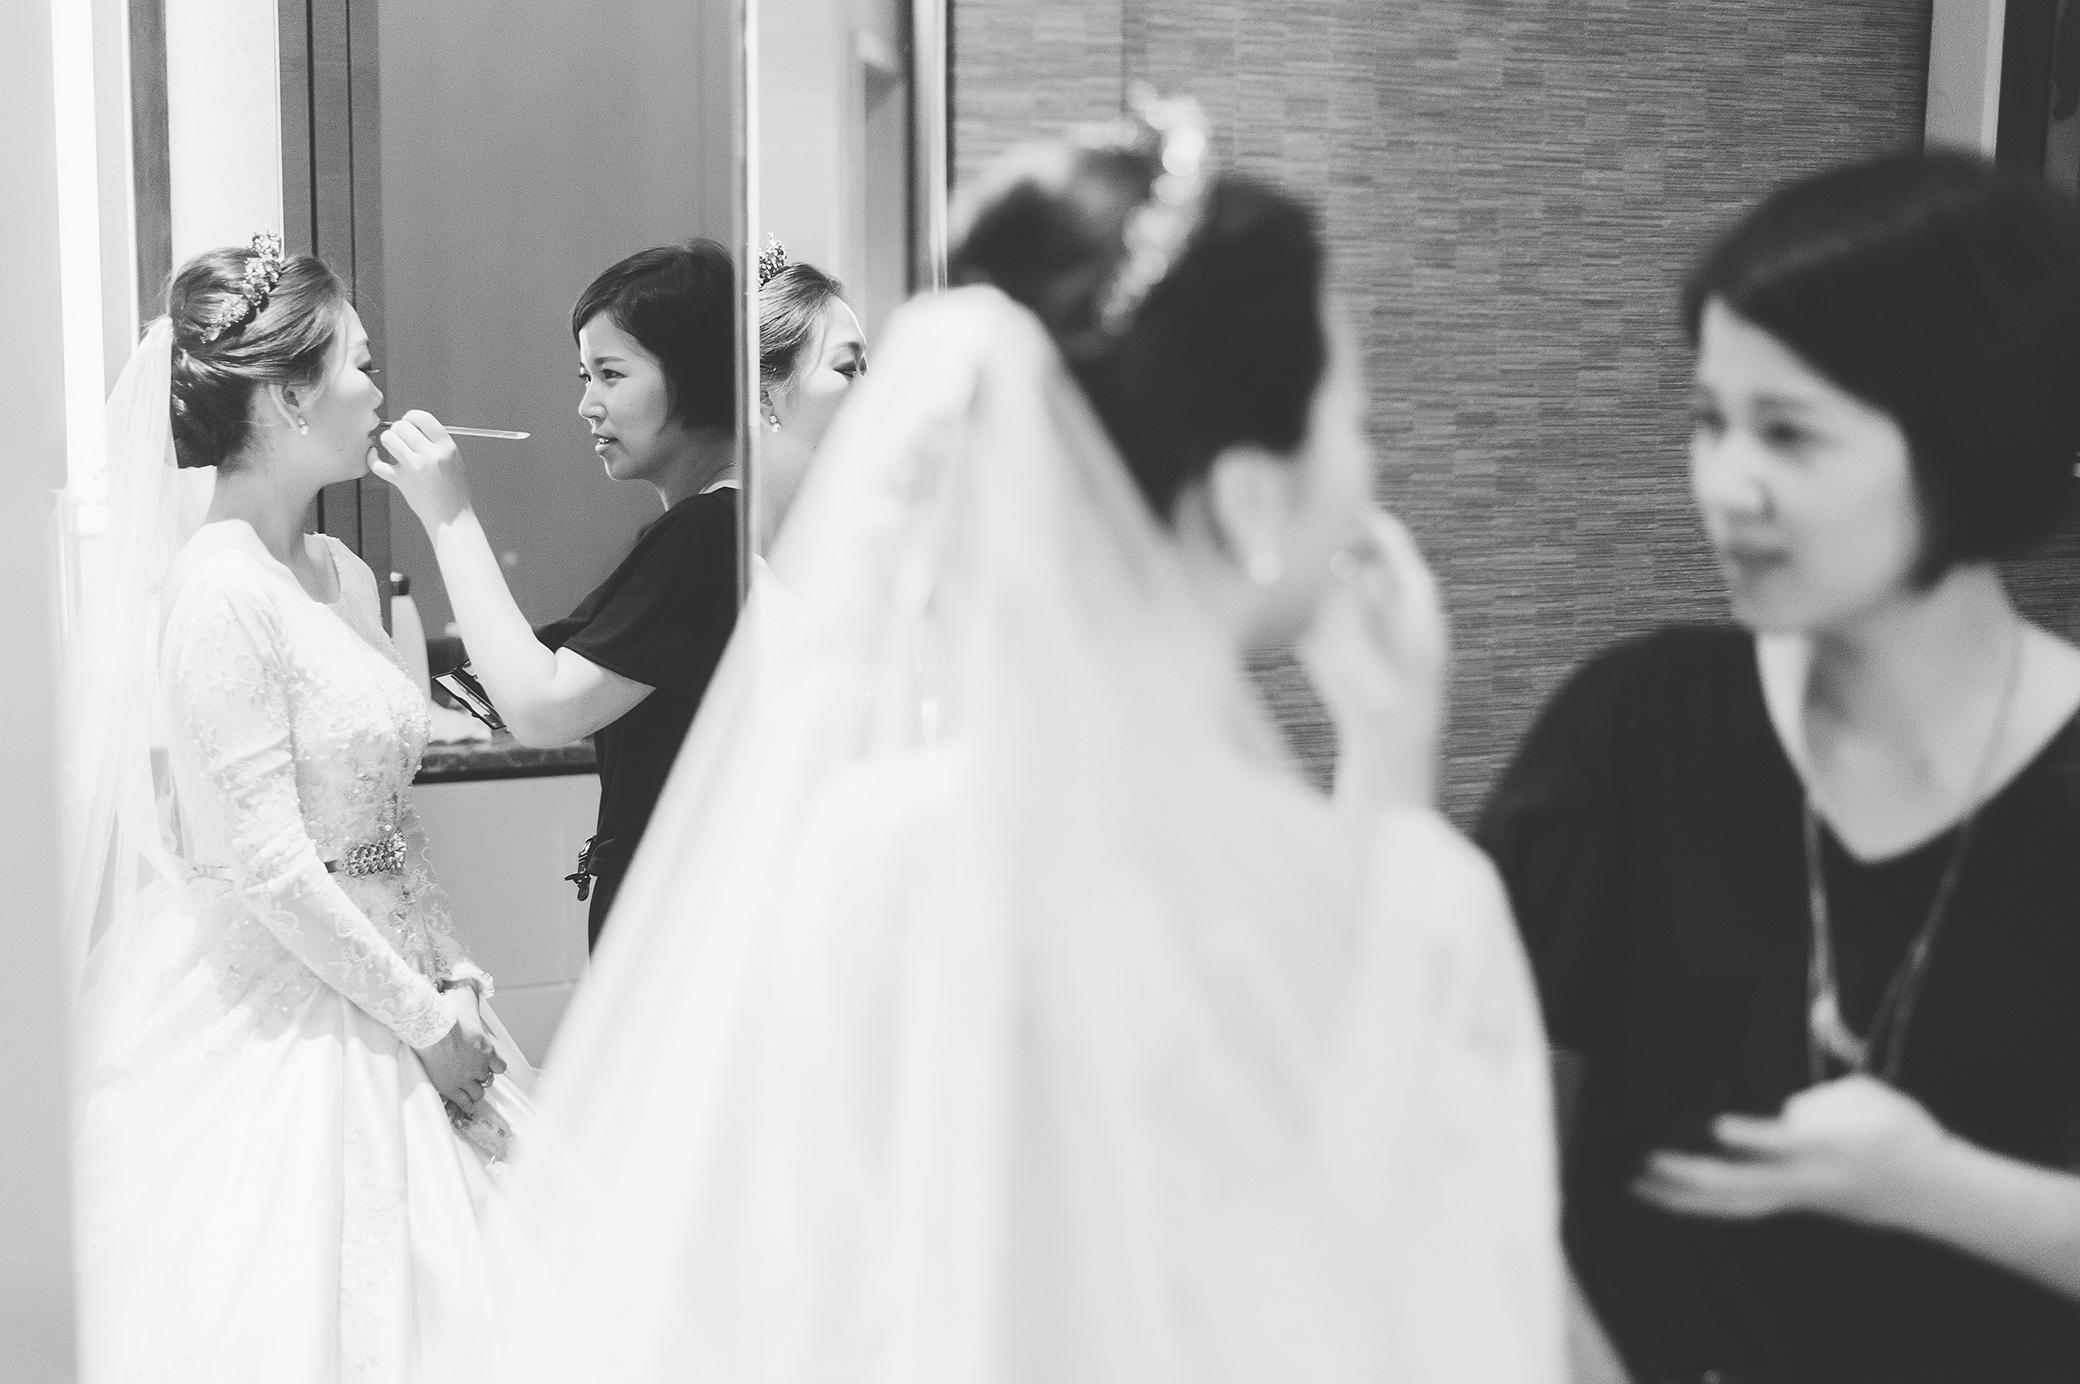 nickchang-wedding-%e5%af%92%e8%88%8d%e8%89%be%e9%ba%97-fineart-45